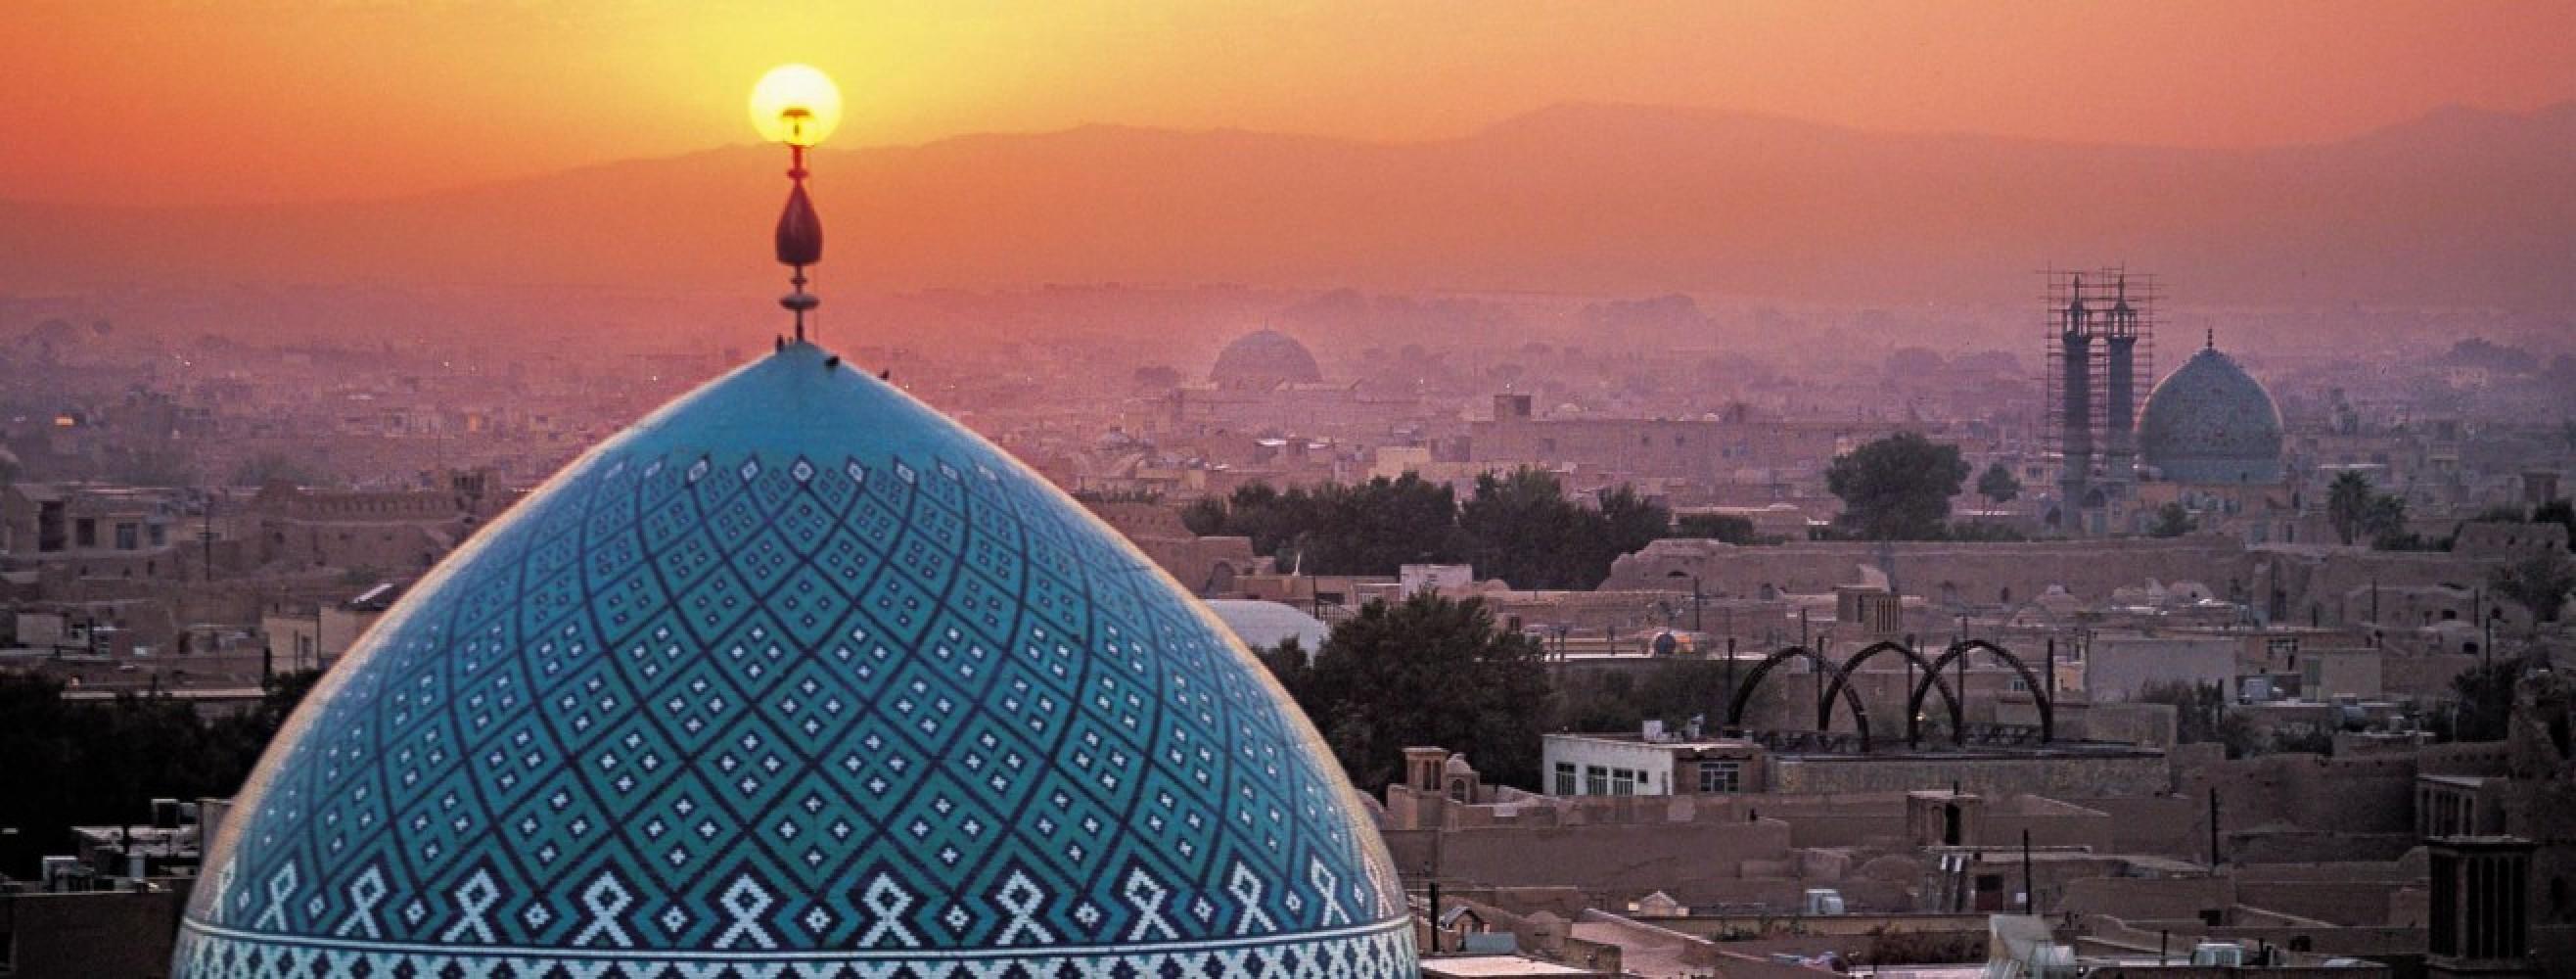 زمینههای سرمایهگذاری و کسب و کارهای کوچک در بازار ایران